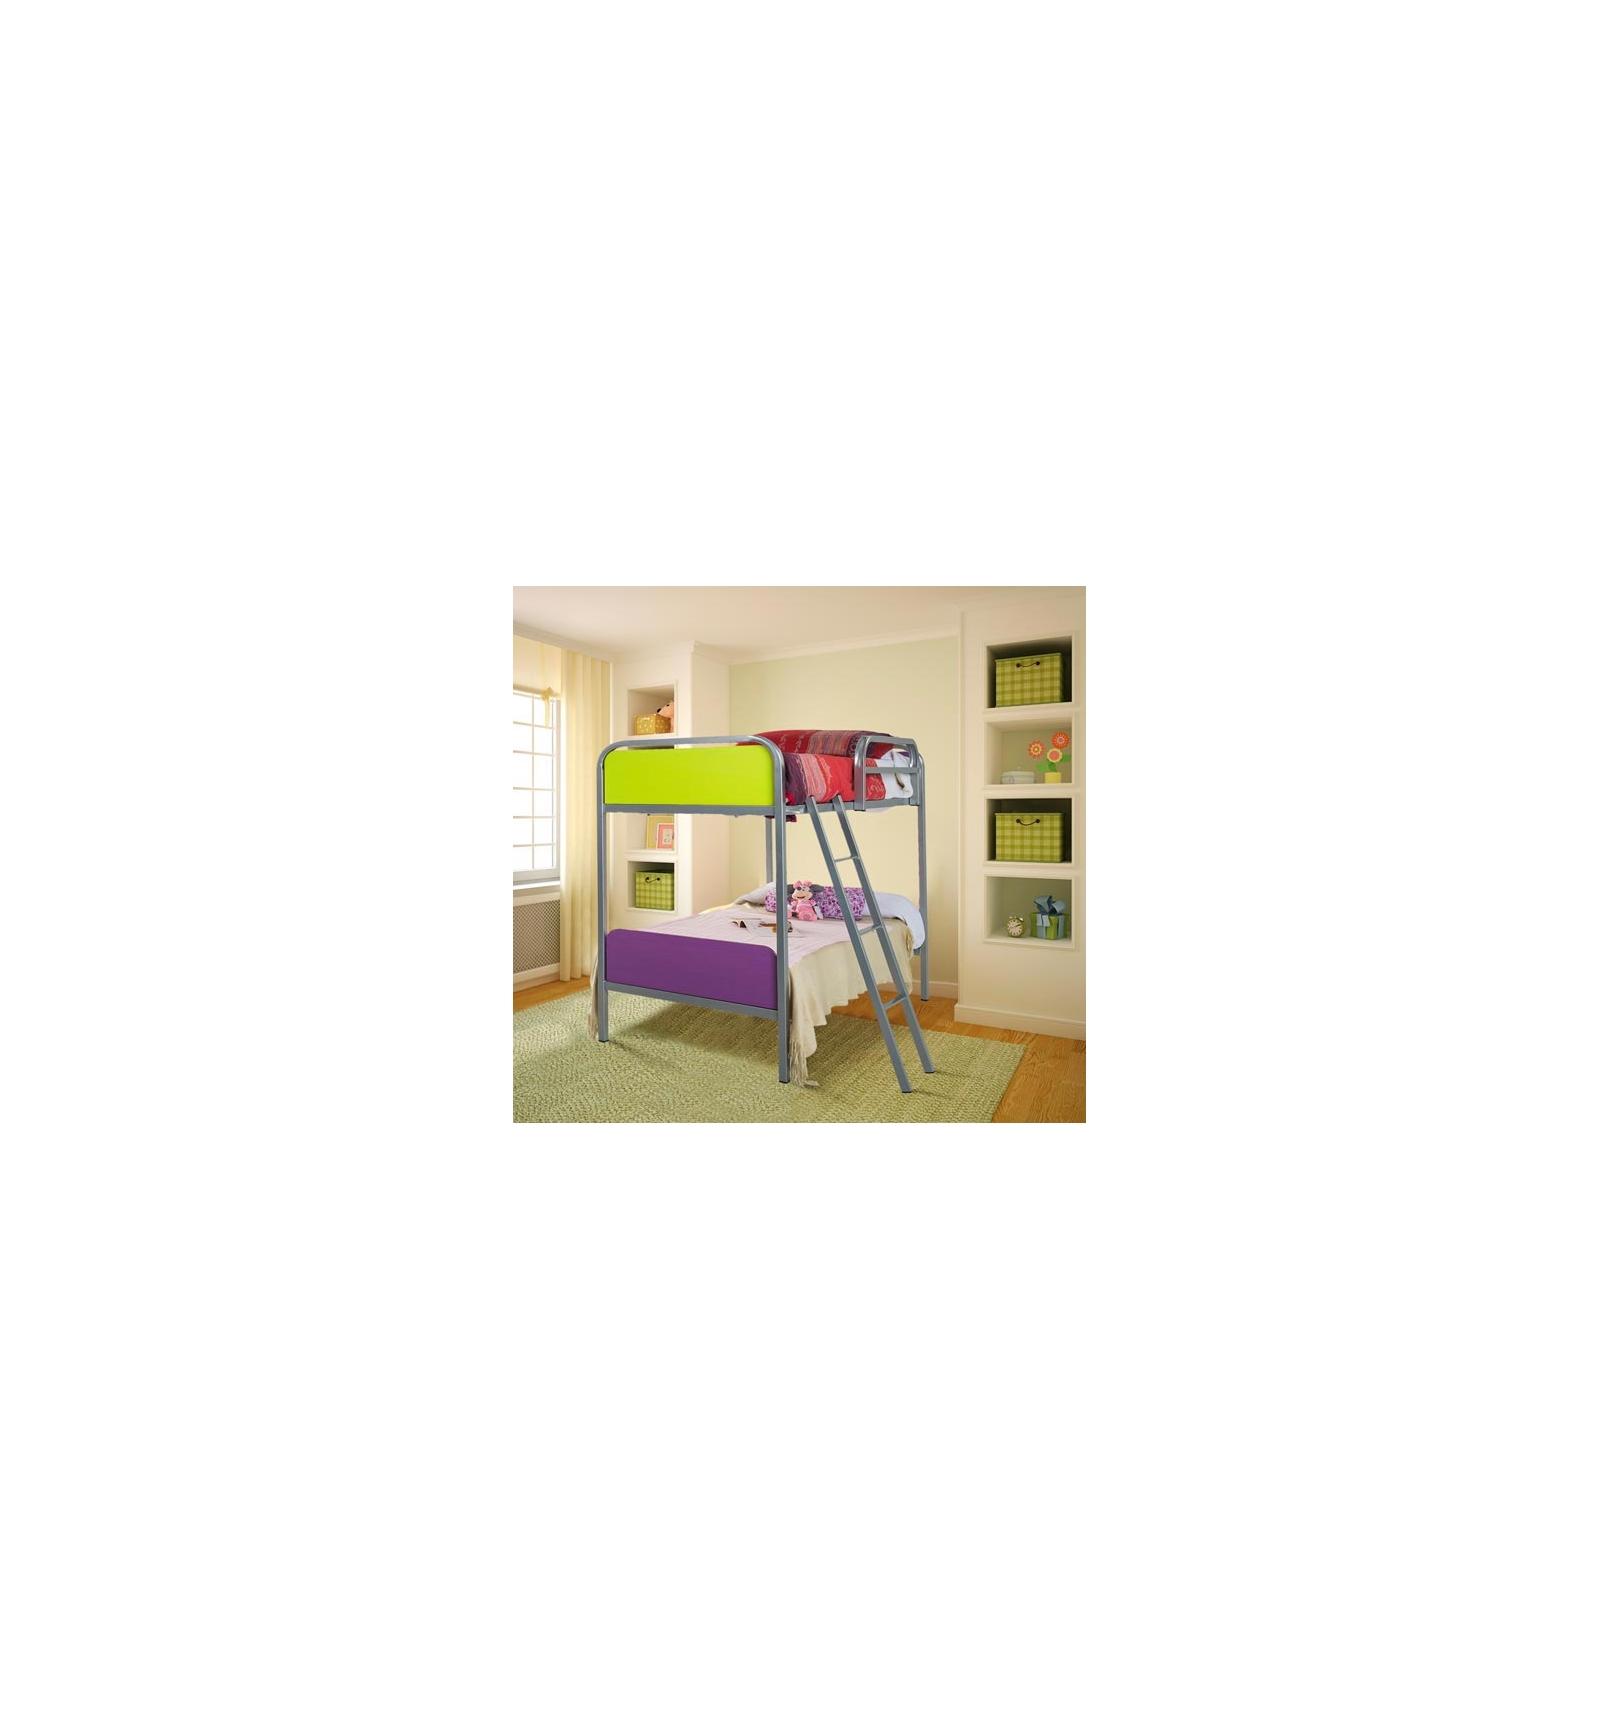 lit superpos enfant. Black Bedroom Furniture Sets. Home Design Ideas